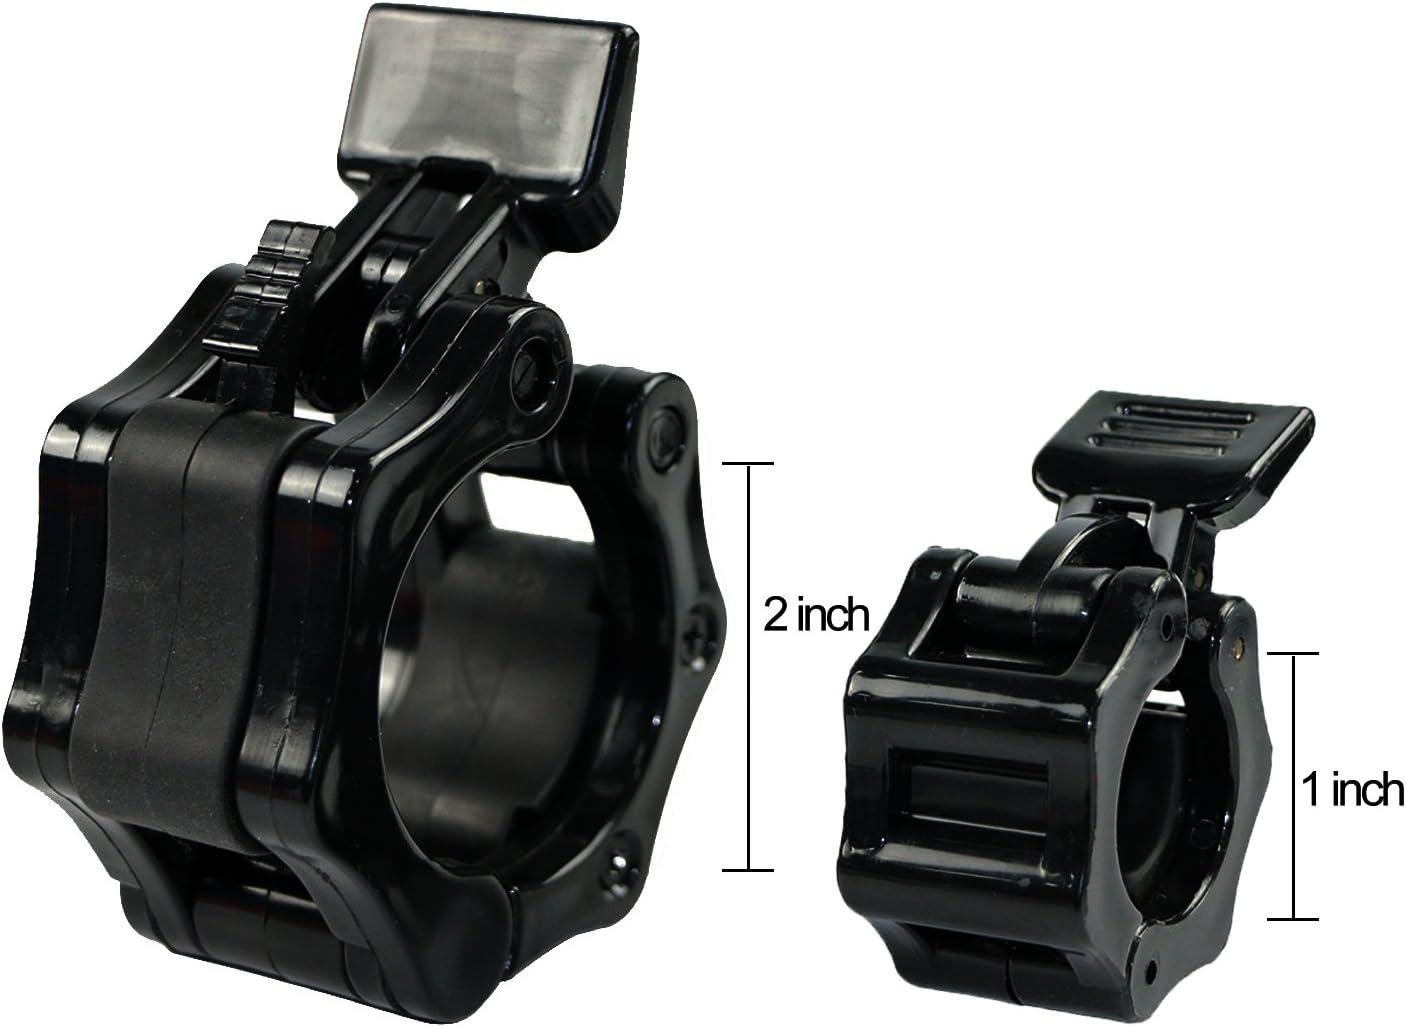 5,1 cm//50 mm standard bilancieri ideale per allenamenti crossfit Deadlifts e Bench Press Dia 50mm Bilanciere olimpico di bloccaggio morsetto collare clip vestito per diametro 2,5 cm//25 mm Overhead Press